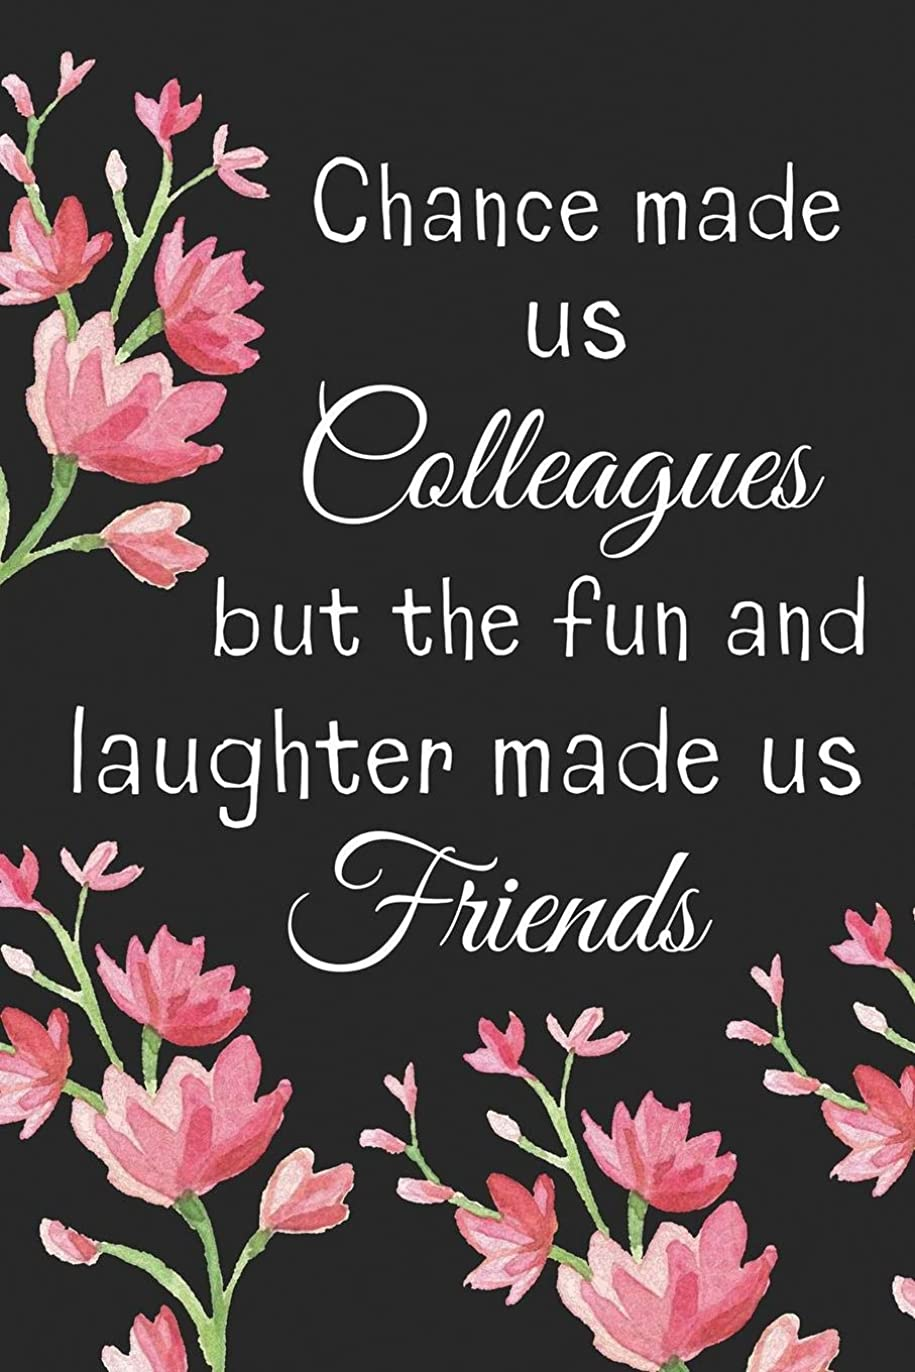 肥満白いそれChance Made us Colleagues But the Fun and Laughter Made us Friends: Chance Made Us Colleagues Gifts Notebook/Journal/Diary - Friendship Gifts for Women, Colleagues, Best Friends, Co Worker, Sister, Retirement, Birthday, Christmas, Xmas - Cute Presents